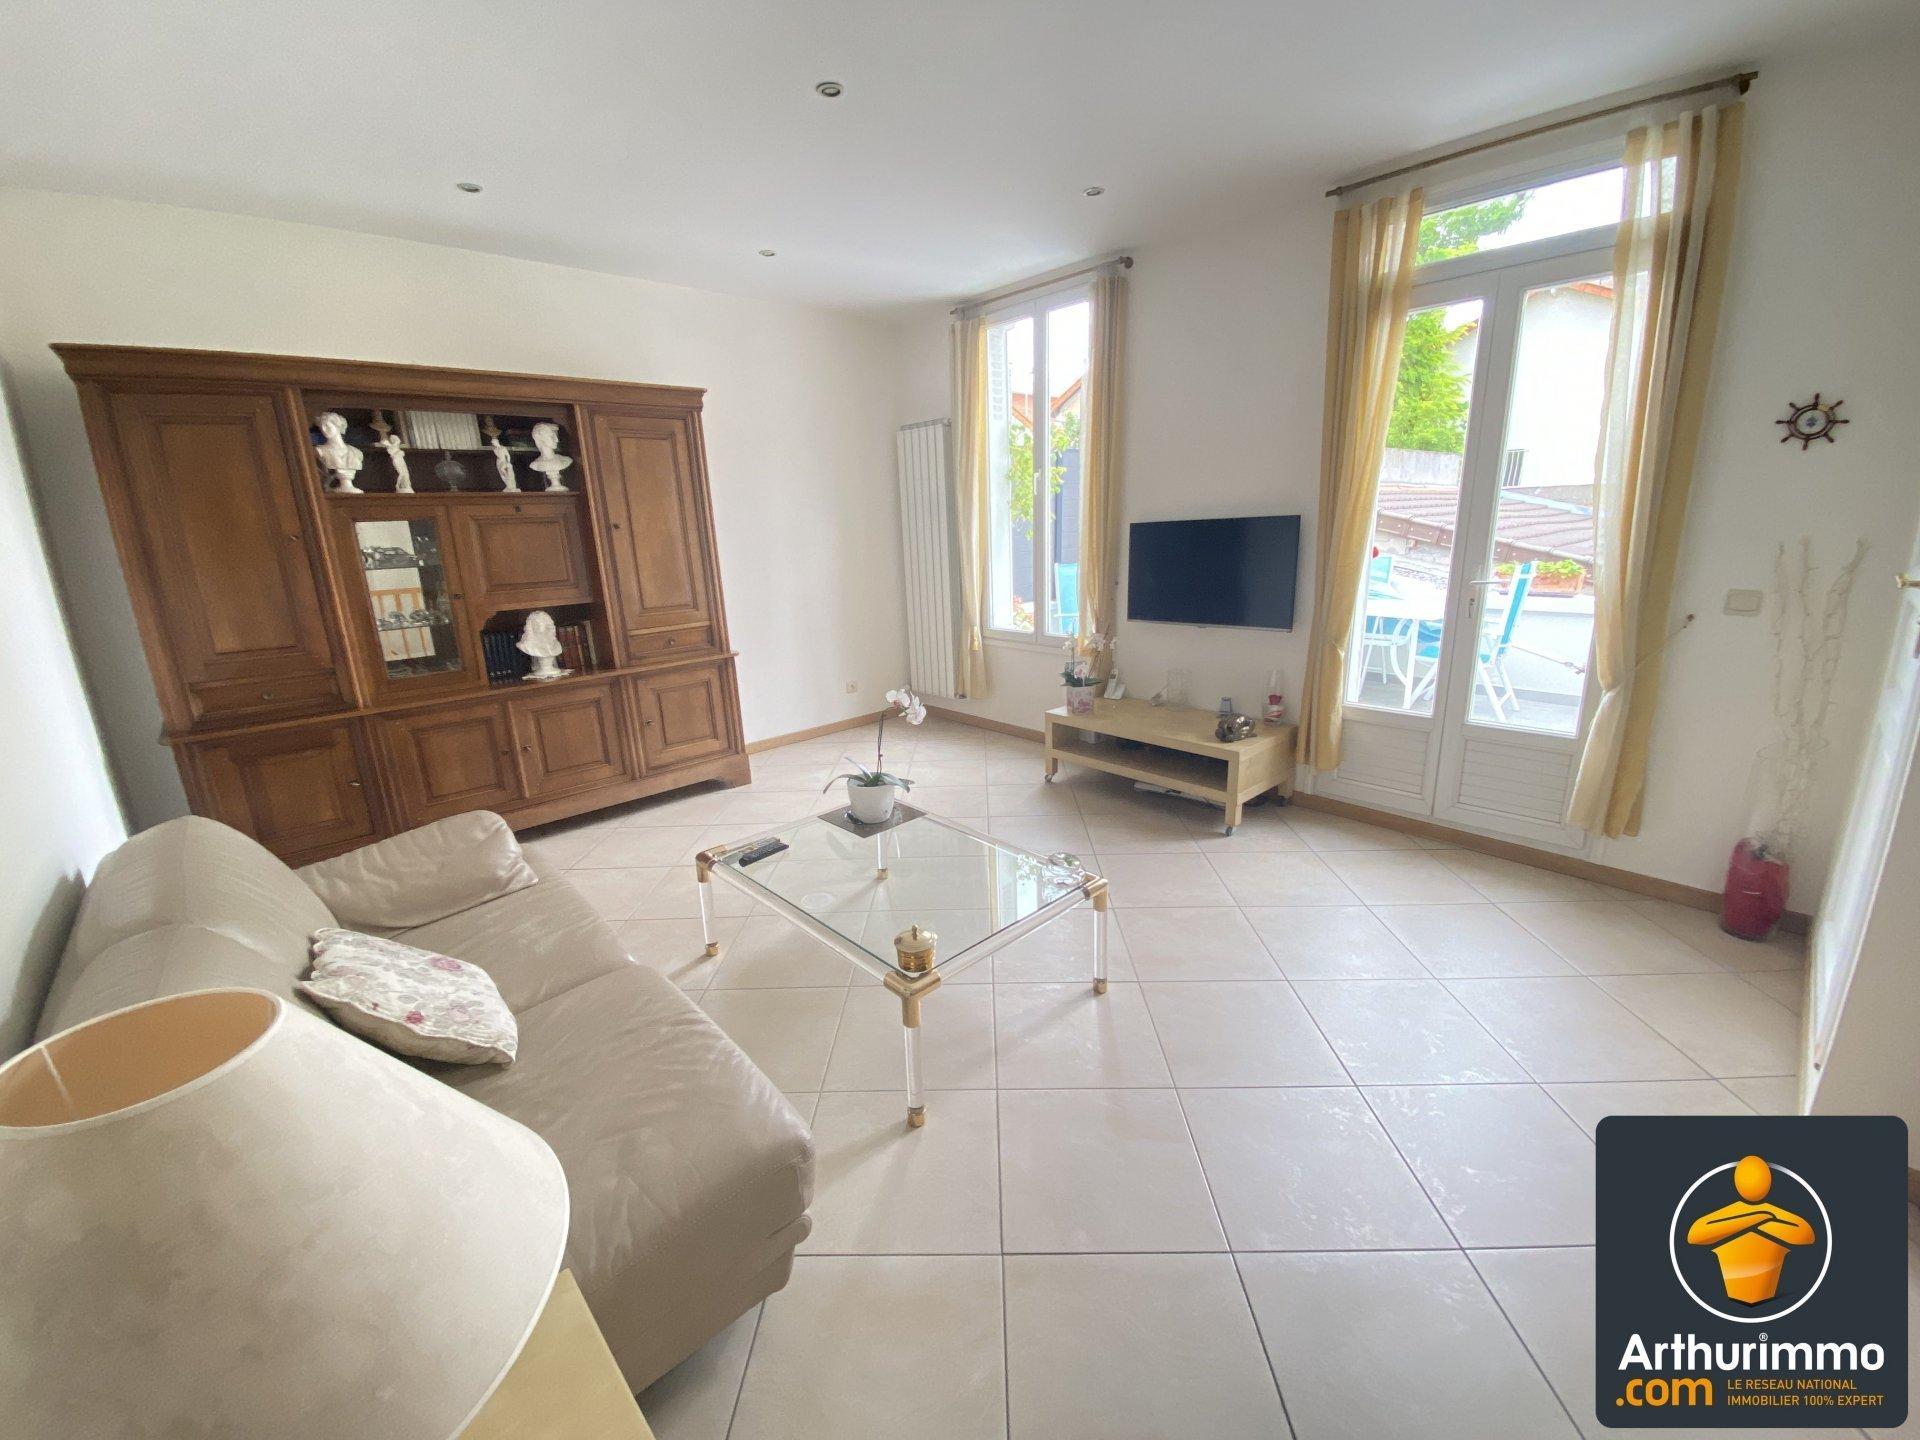 Maison a vendre nanterre - 4 pièce(s) - 107 m2 - Surfyn